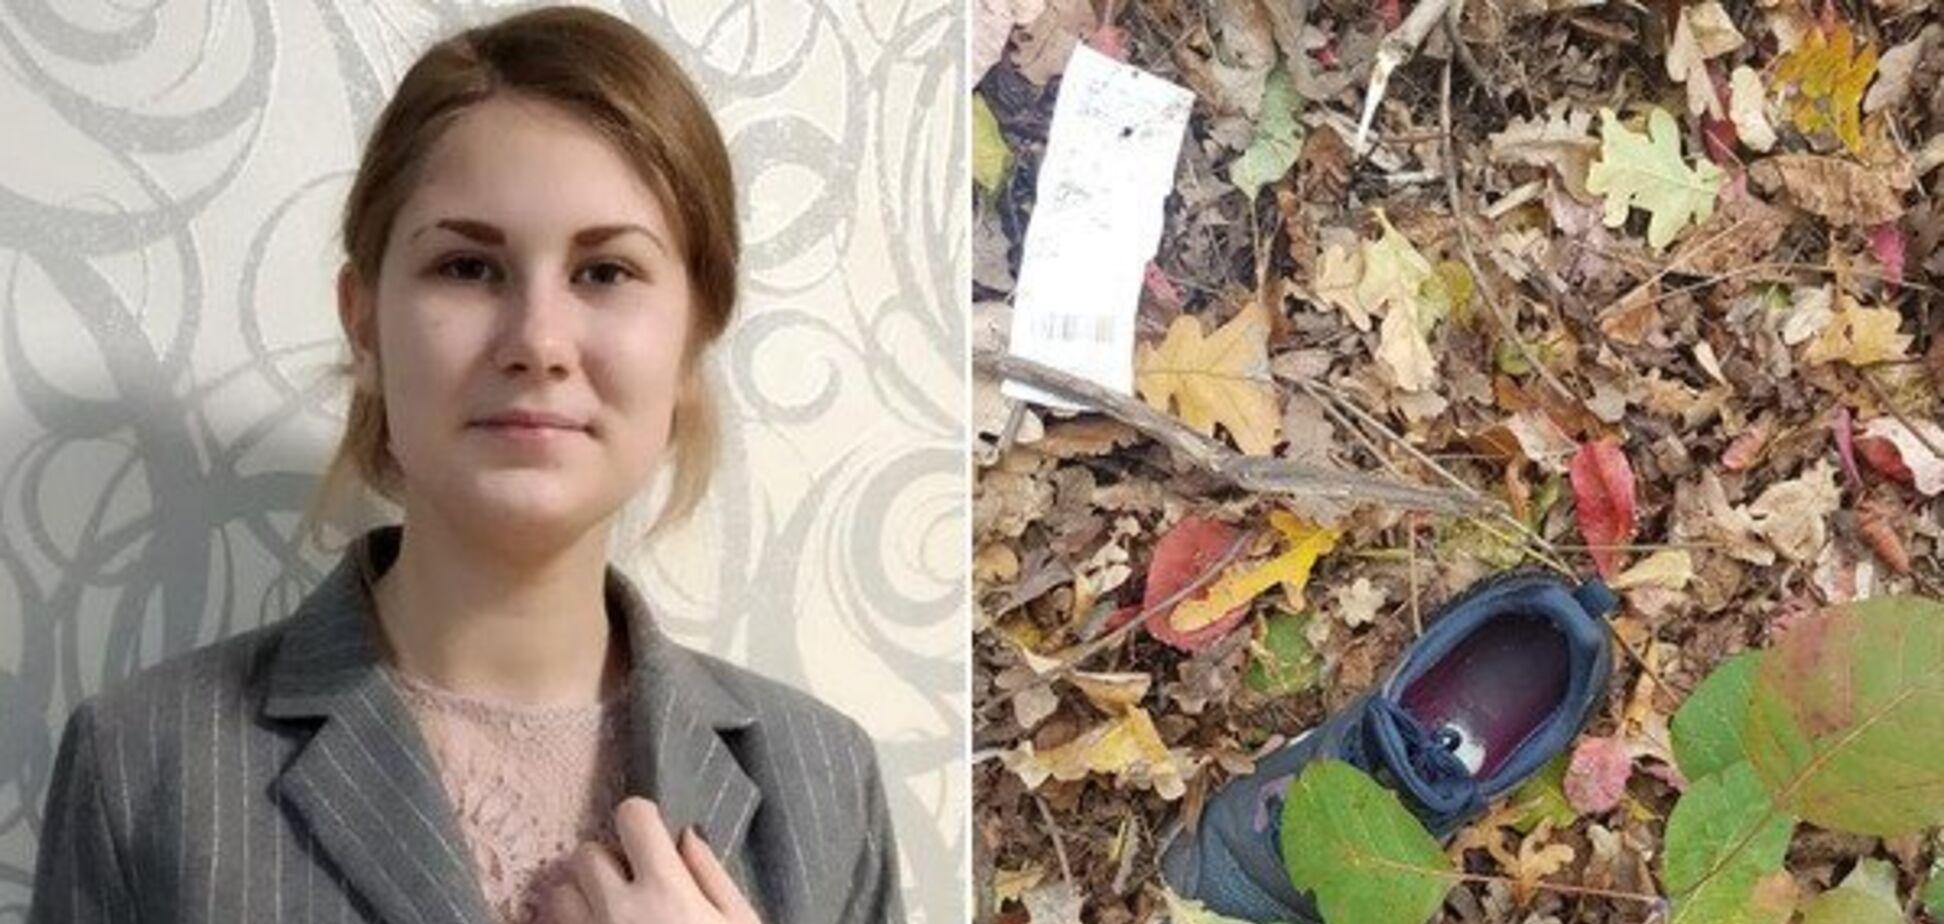 Вбивство дівчинки на Одещині: поліція показала підозрюваного